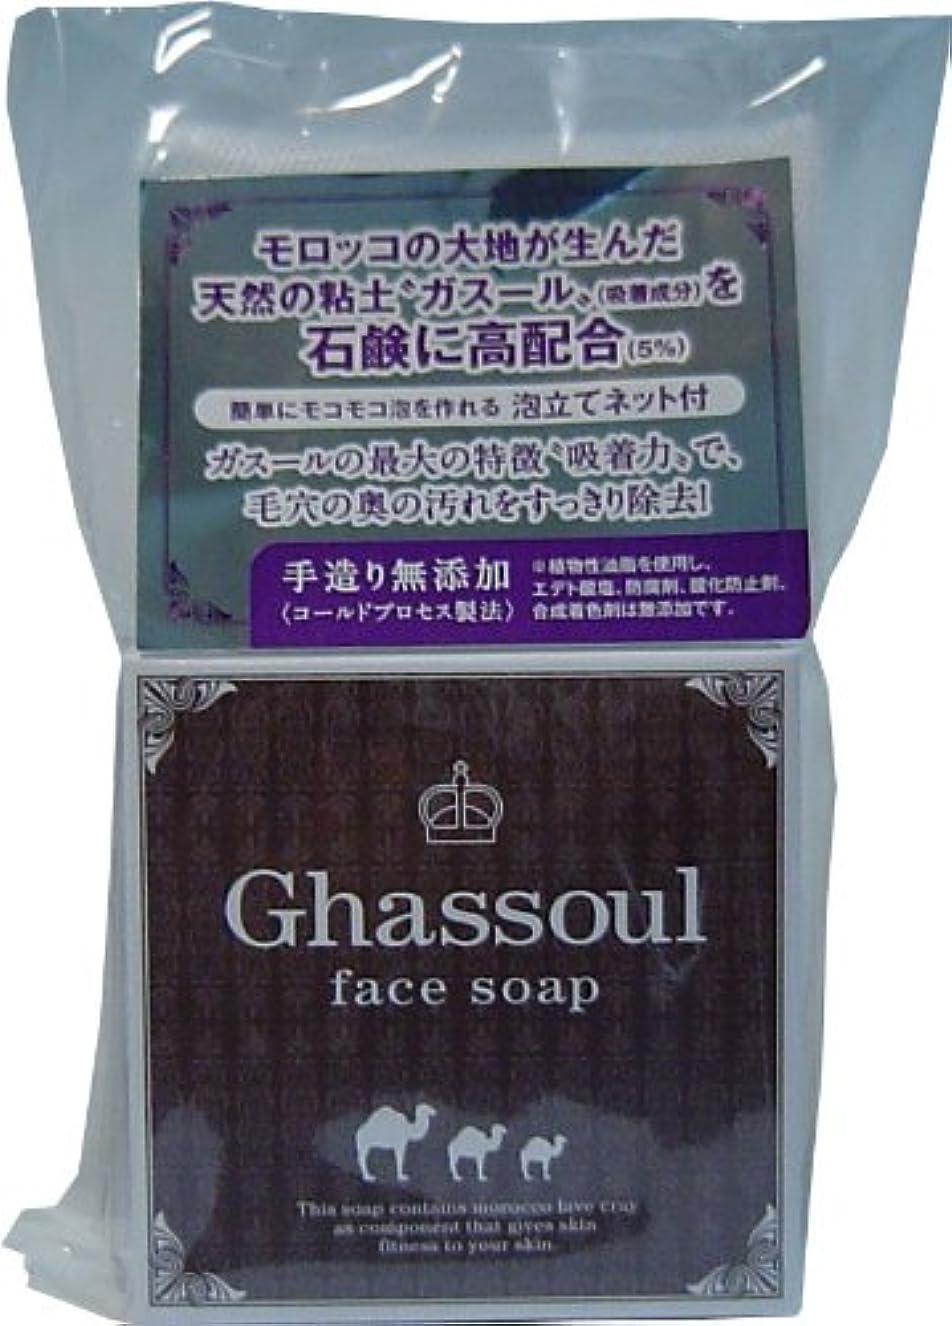 水分に勝る遺伝的天然の粘土 ガスール を石鹸に高配合!Ghassoul face soap ガスールフェイスソープ 100g【4個セット】